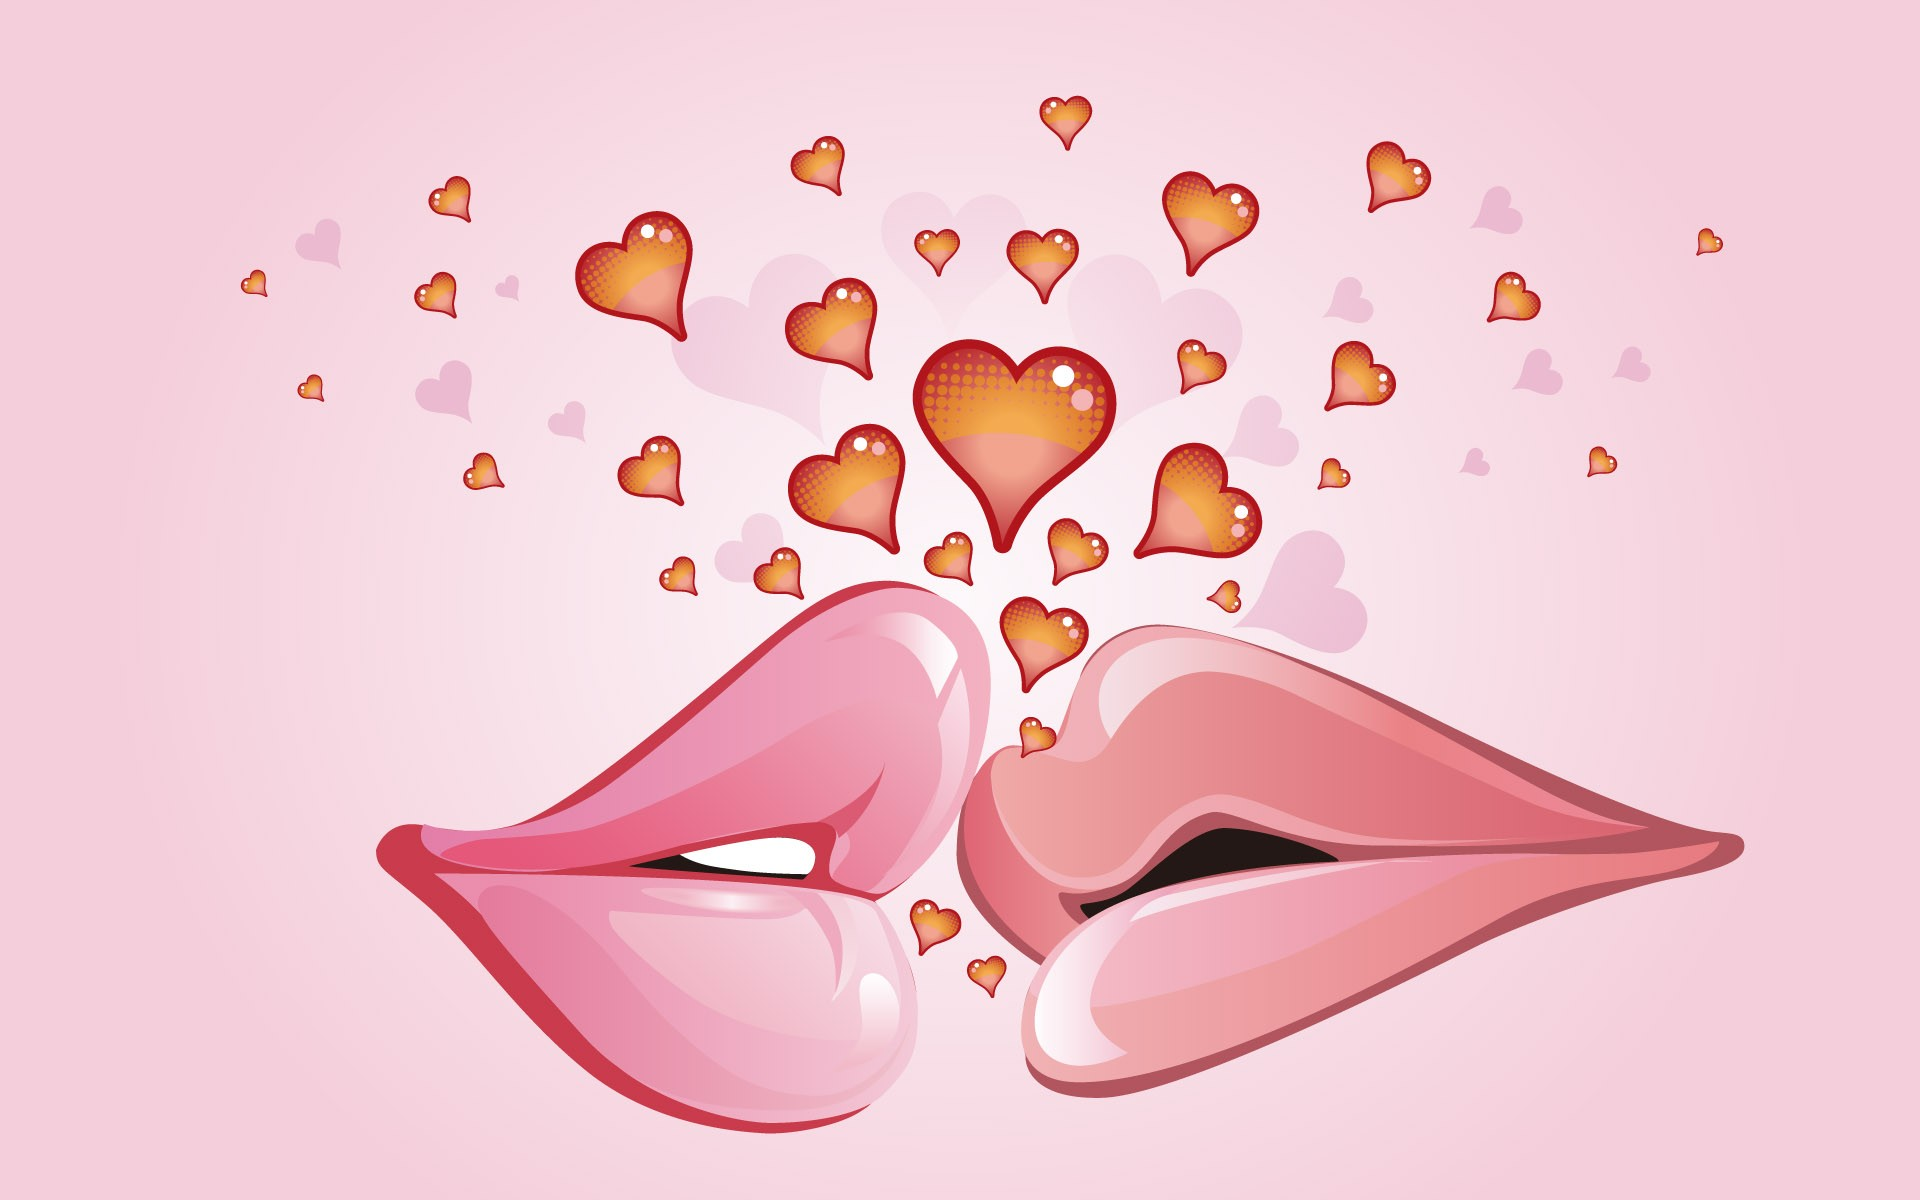 Ученые обосновали пользу поцелуев